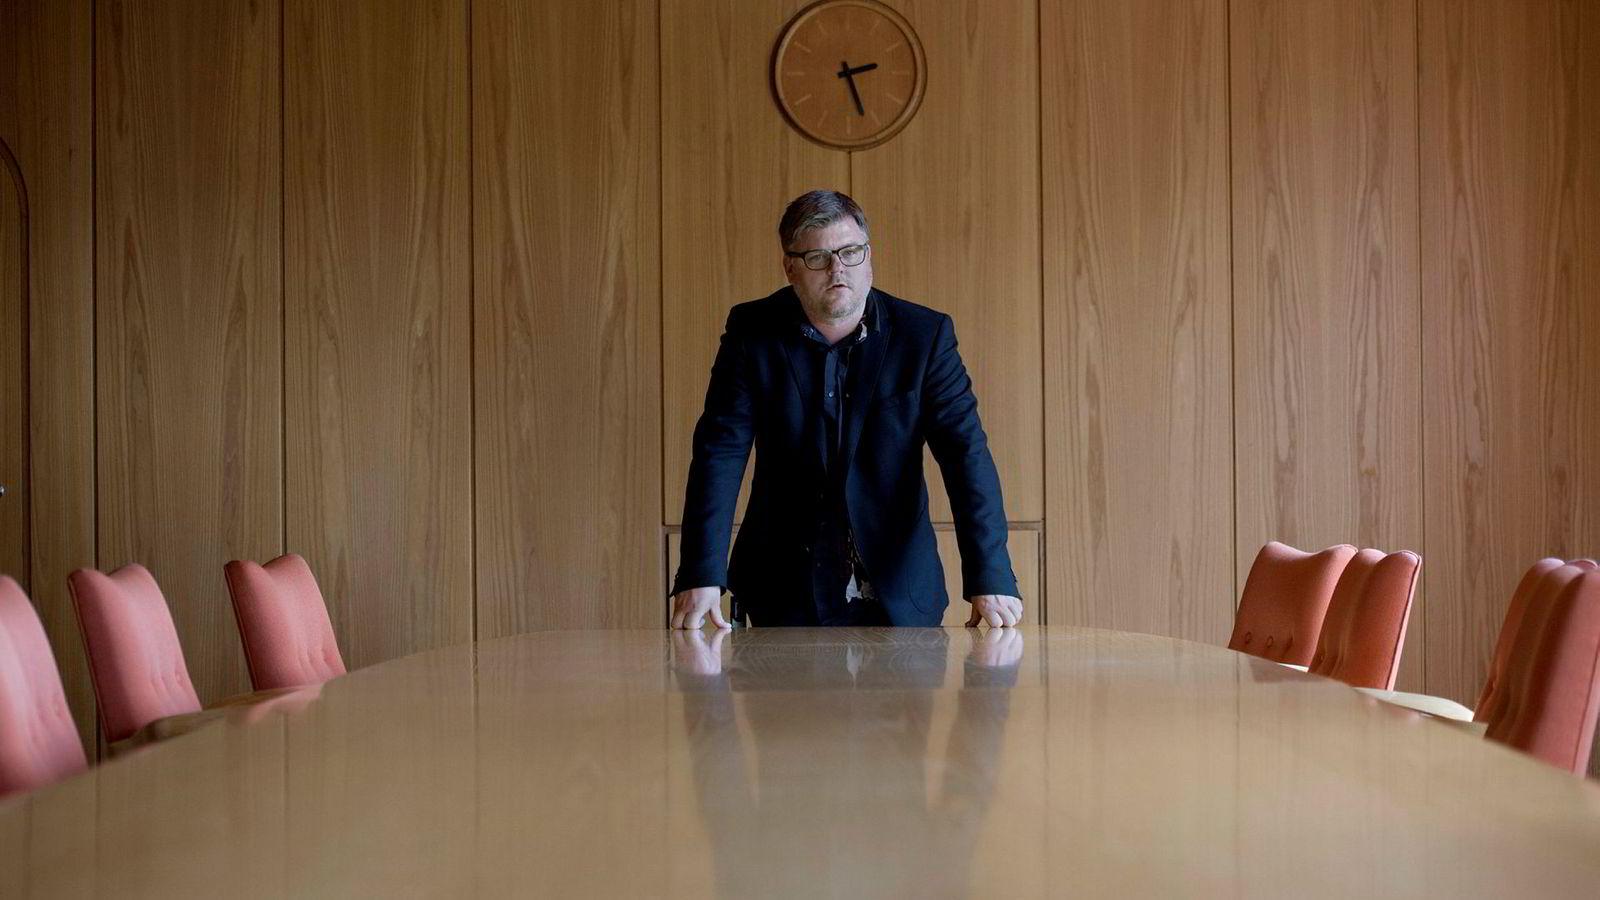 Richard Aune, leder av NRKJ, er ikke fornøyd med forhandlingene så langt, og er beredt til å streike så lenge det blir nødvendig, forteller han.